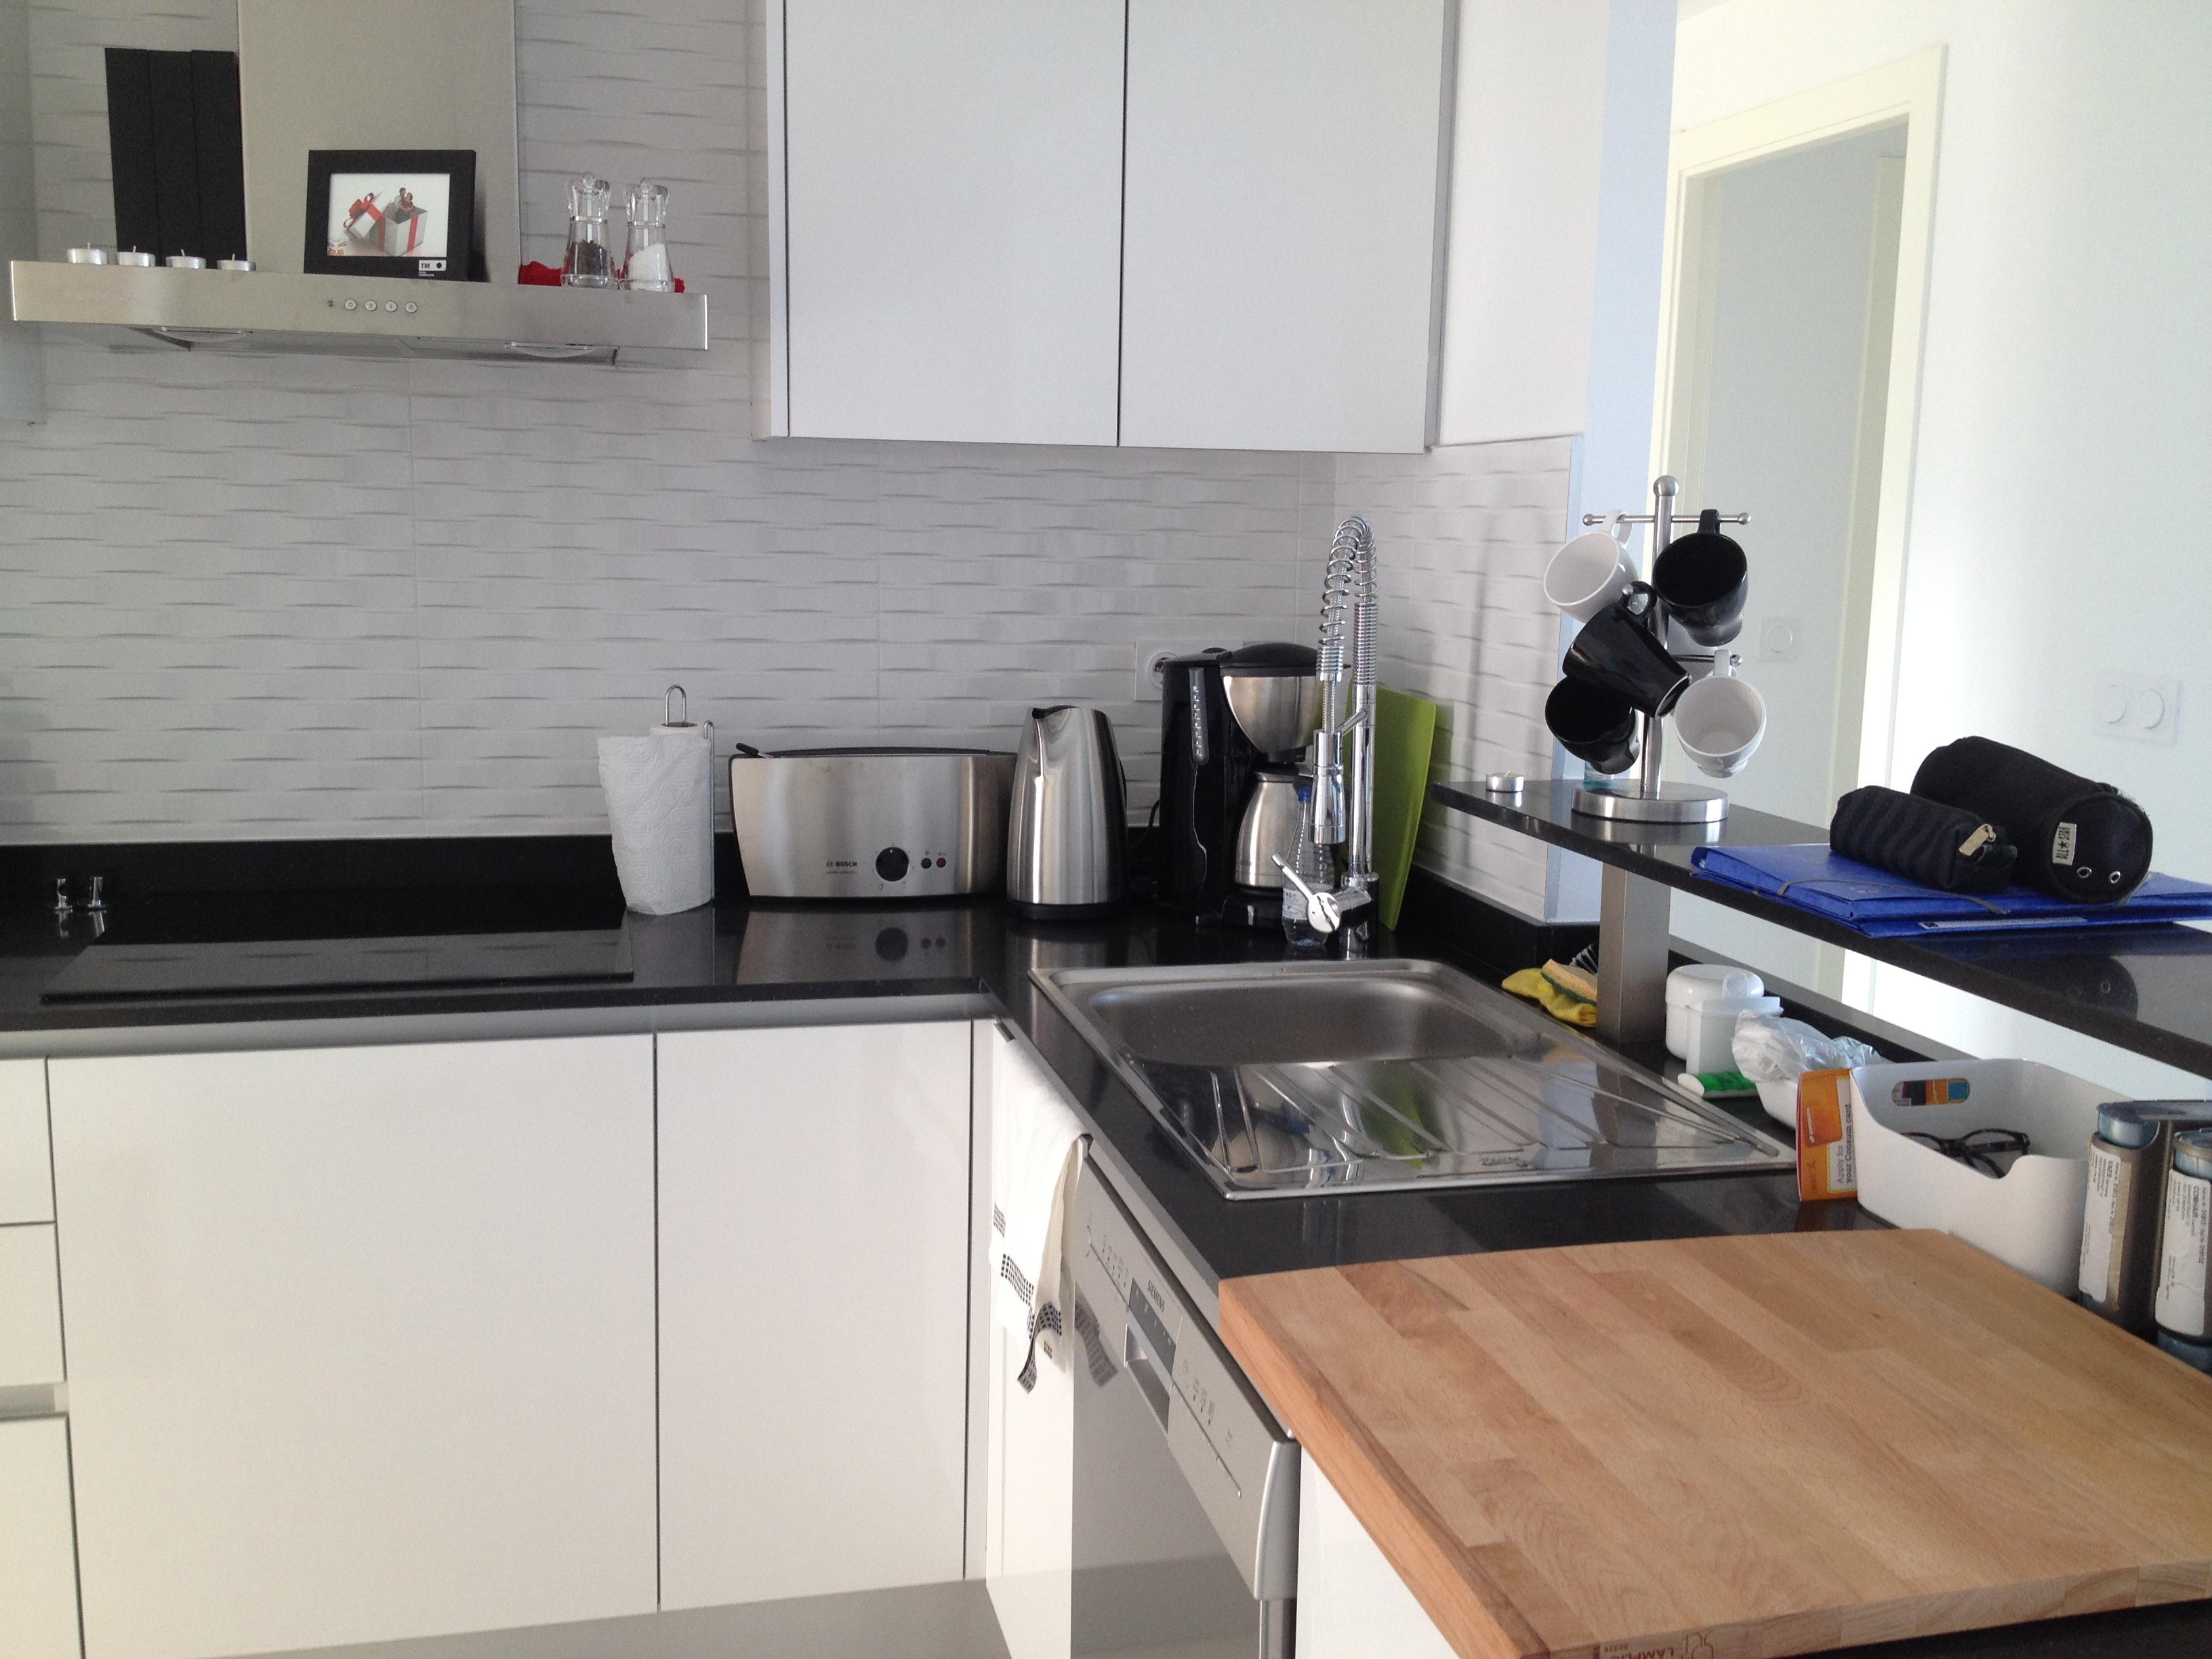 sea senses appartement publi2014-10-31 14.43.48